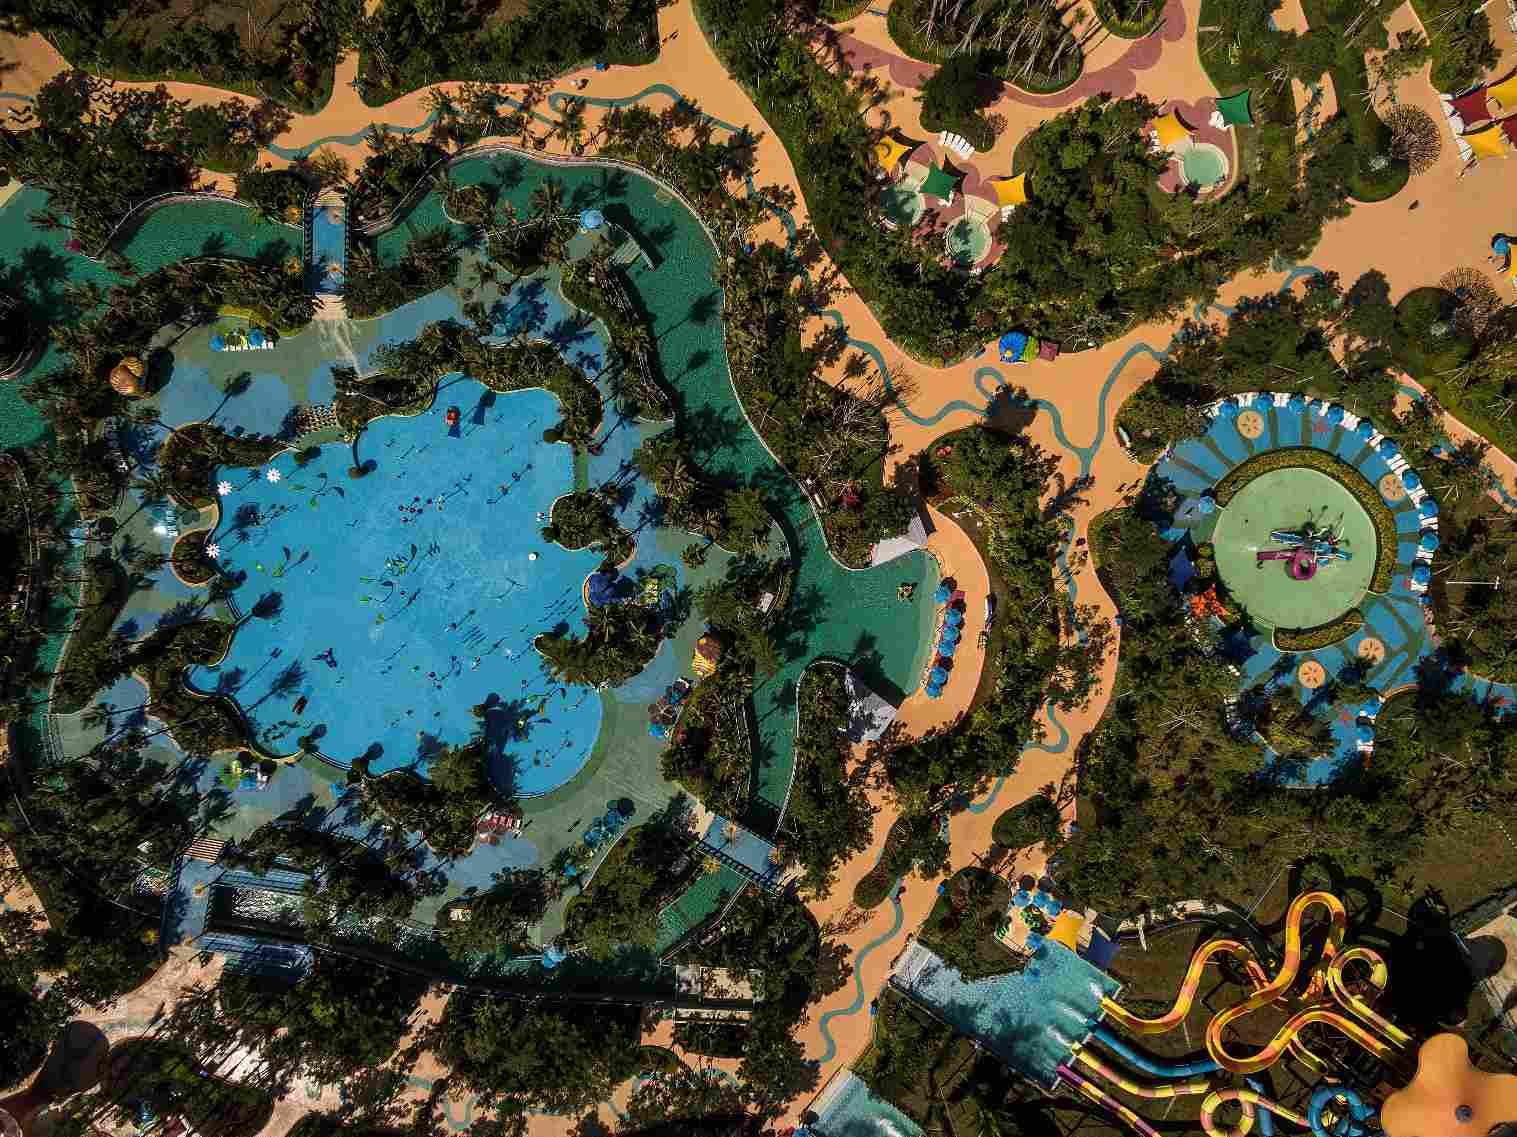 aerial view of Wanda Xishuangbanna International Resort